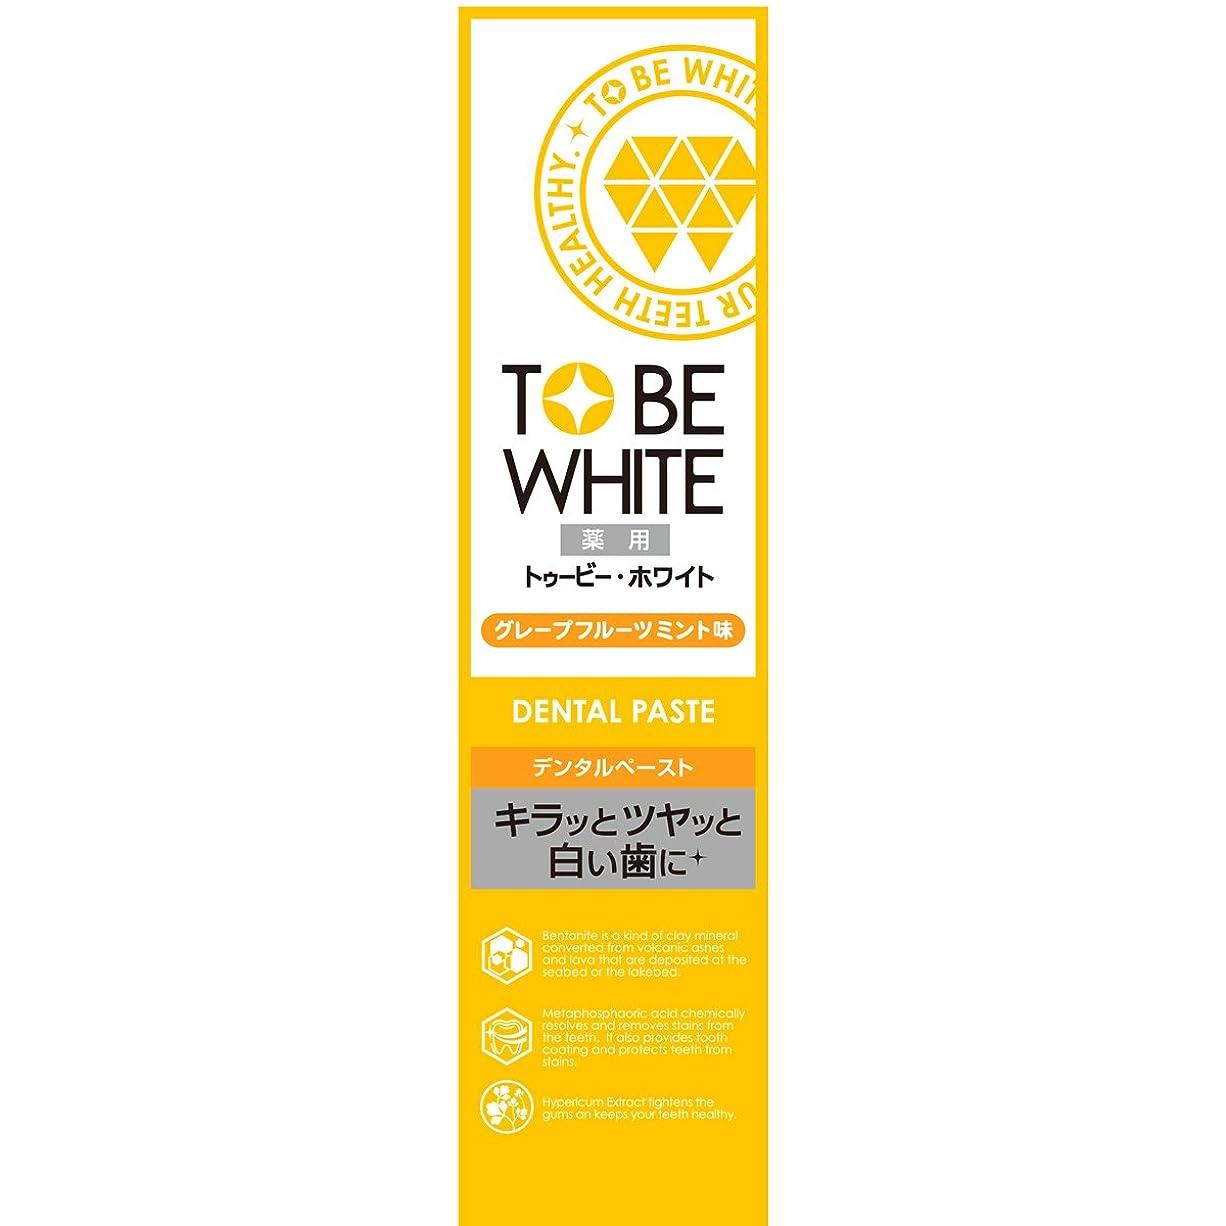 五月精巧な結核トゥービー?ホワイト 薬用 ホワイトニング ハミガキ粉 グレープフルーツミント 味 60g 【医薬部外品】